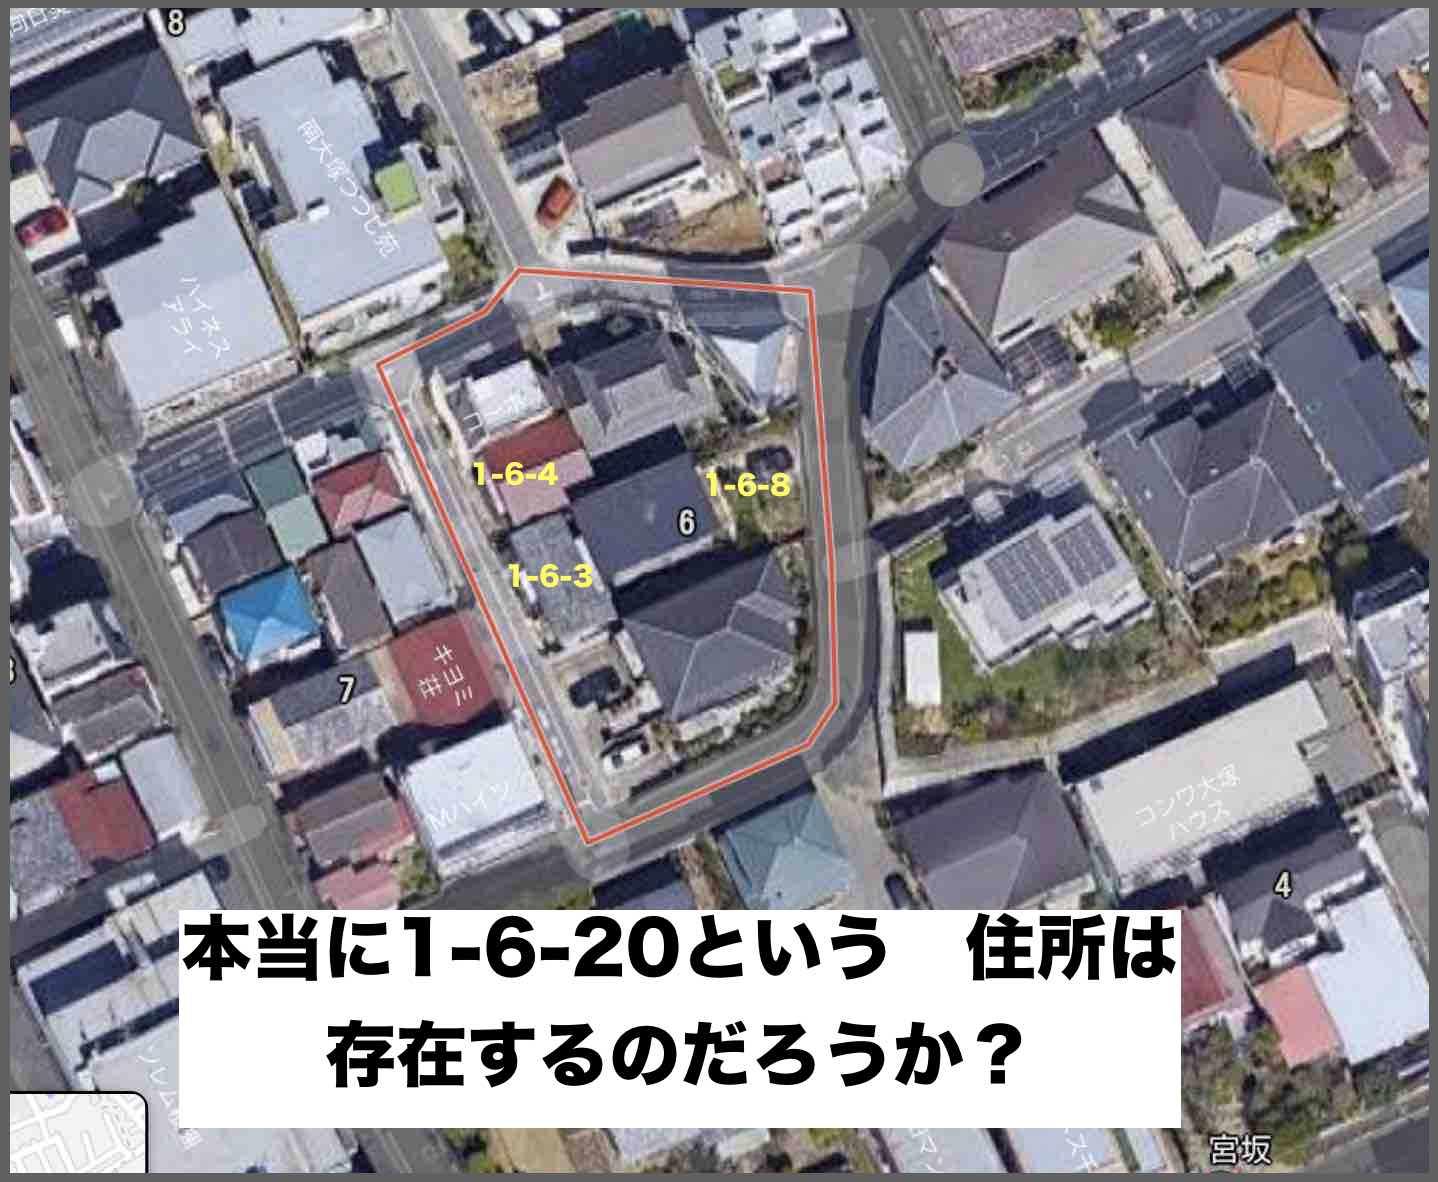 競艇神舟という競艇予想サイト(ボートレース予想サイト)の住所を上空写真から住所を探す